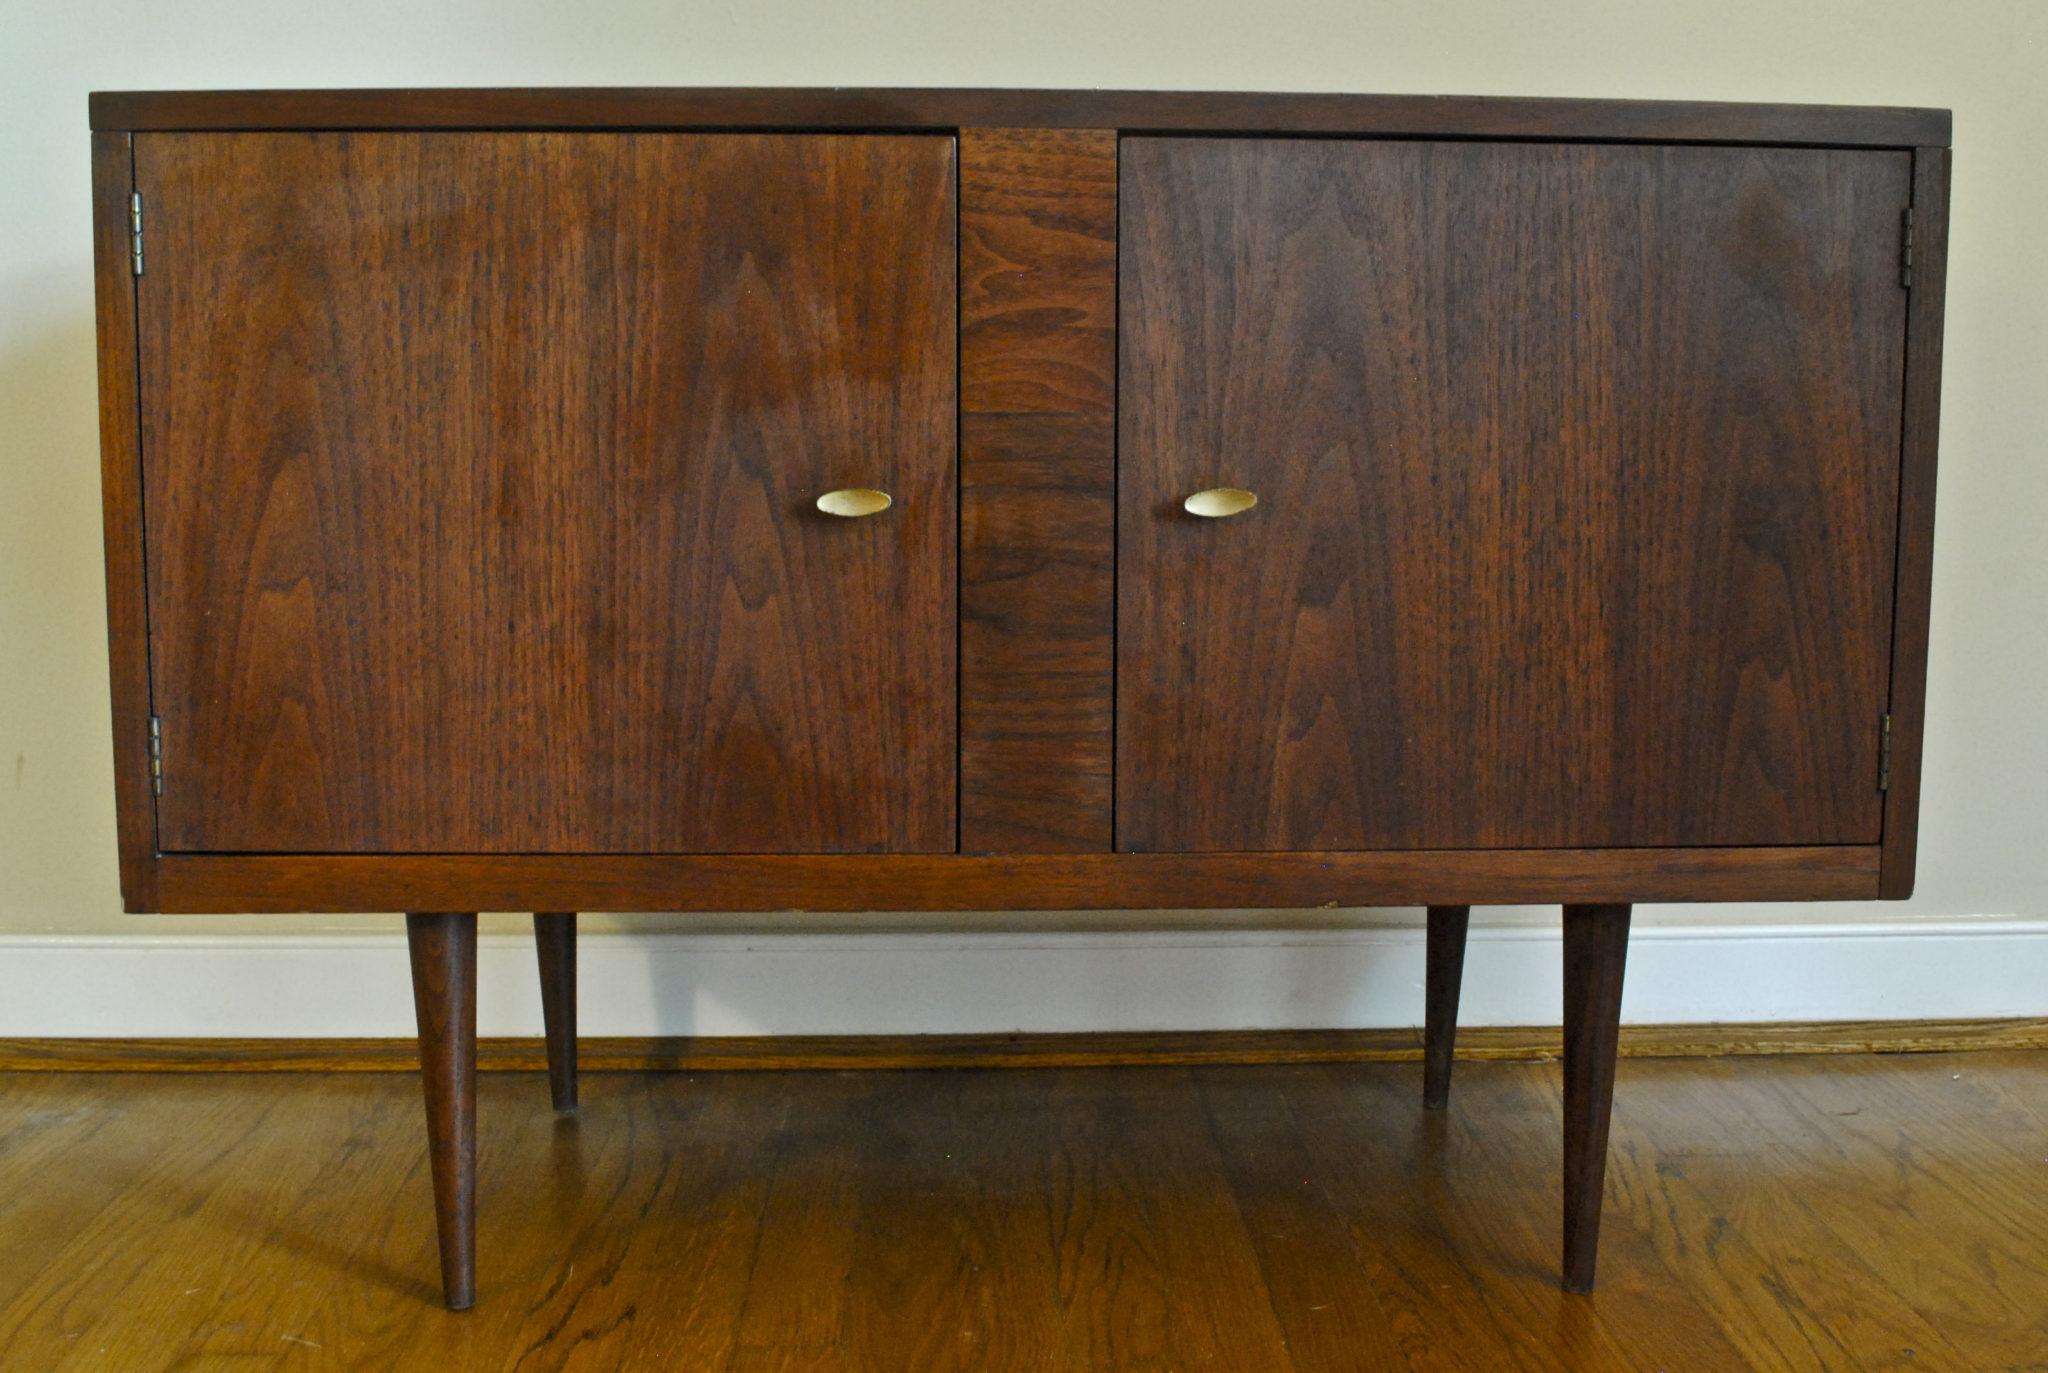 mi-century-modern-storage-cabinet-tapered-legs